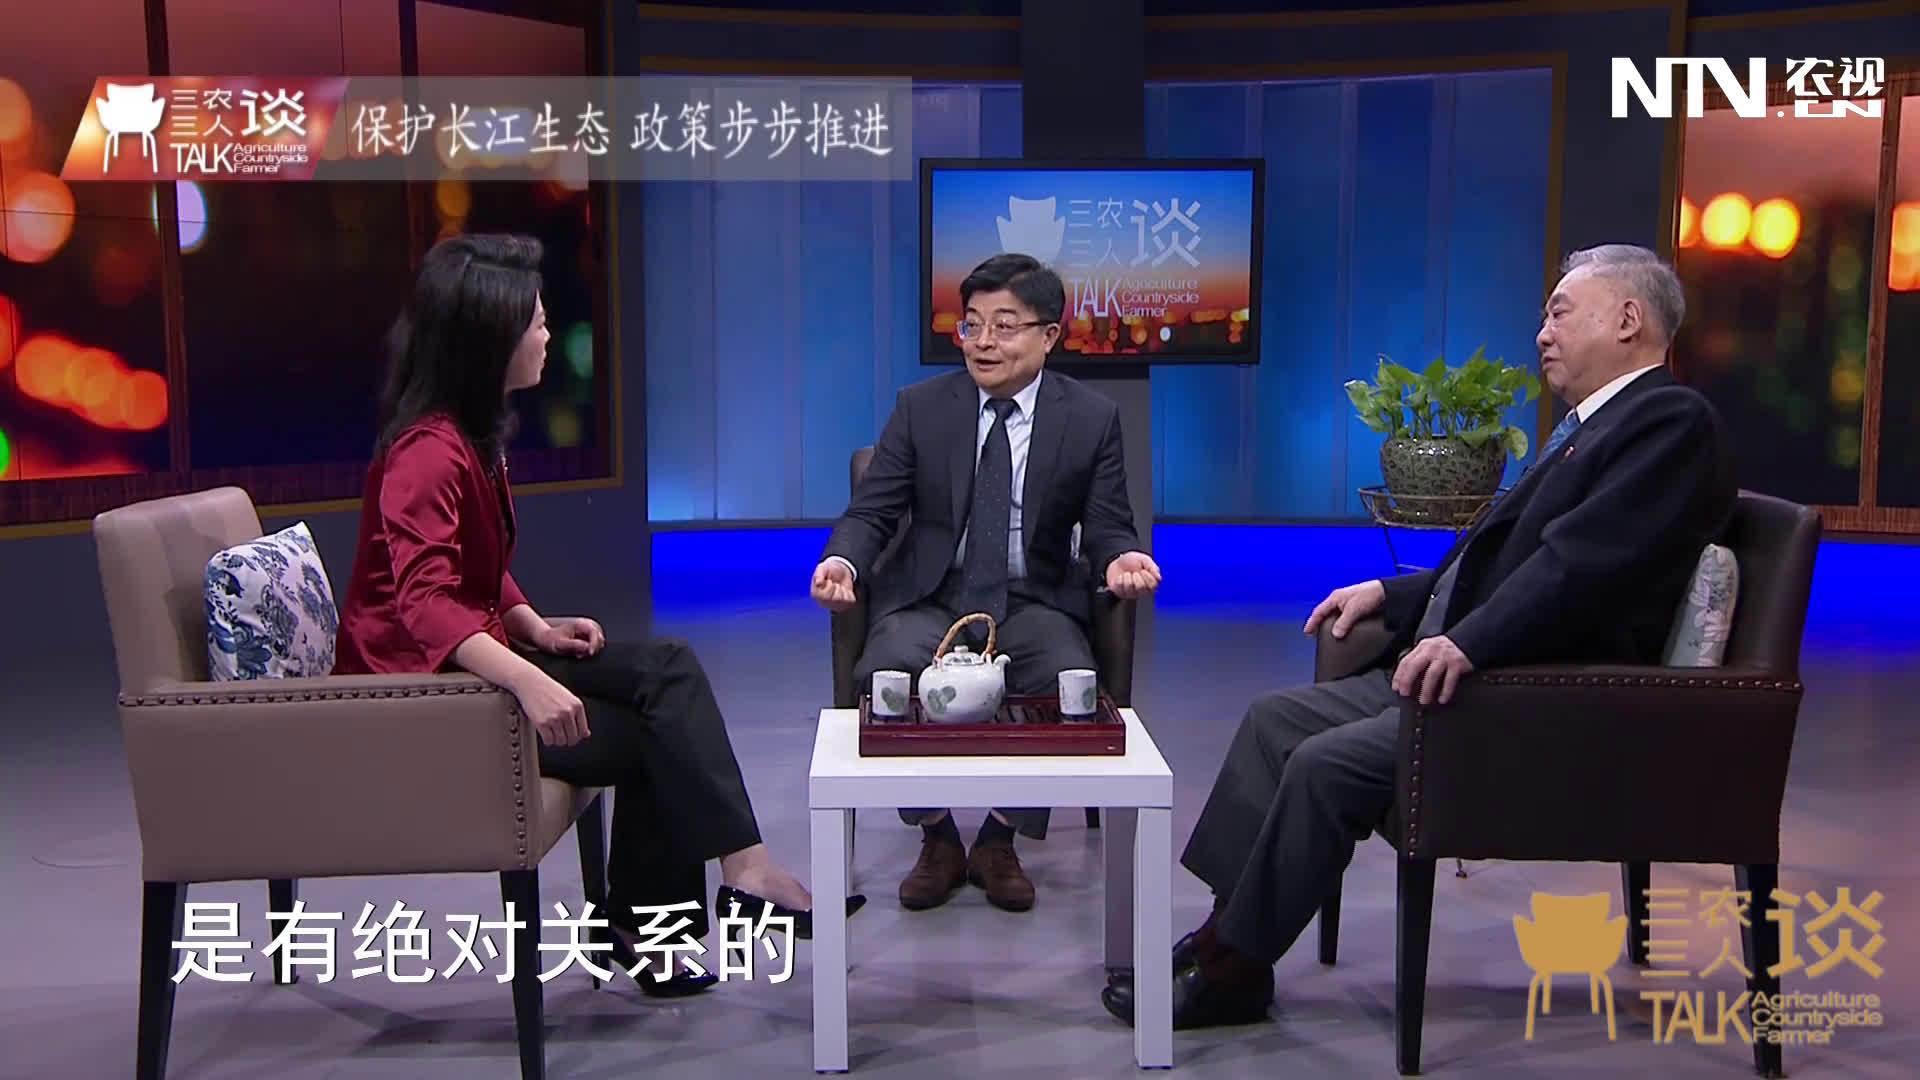 三农三人谈:长江十年禁捕 为啥跟你有关系